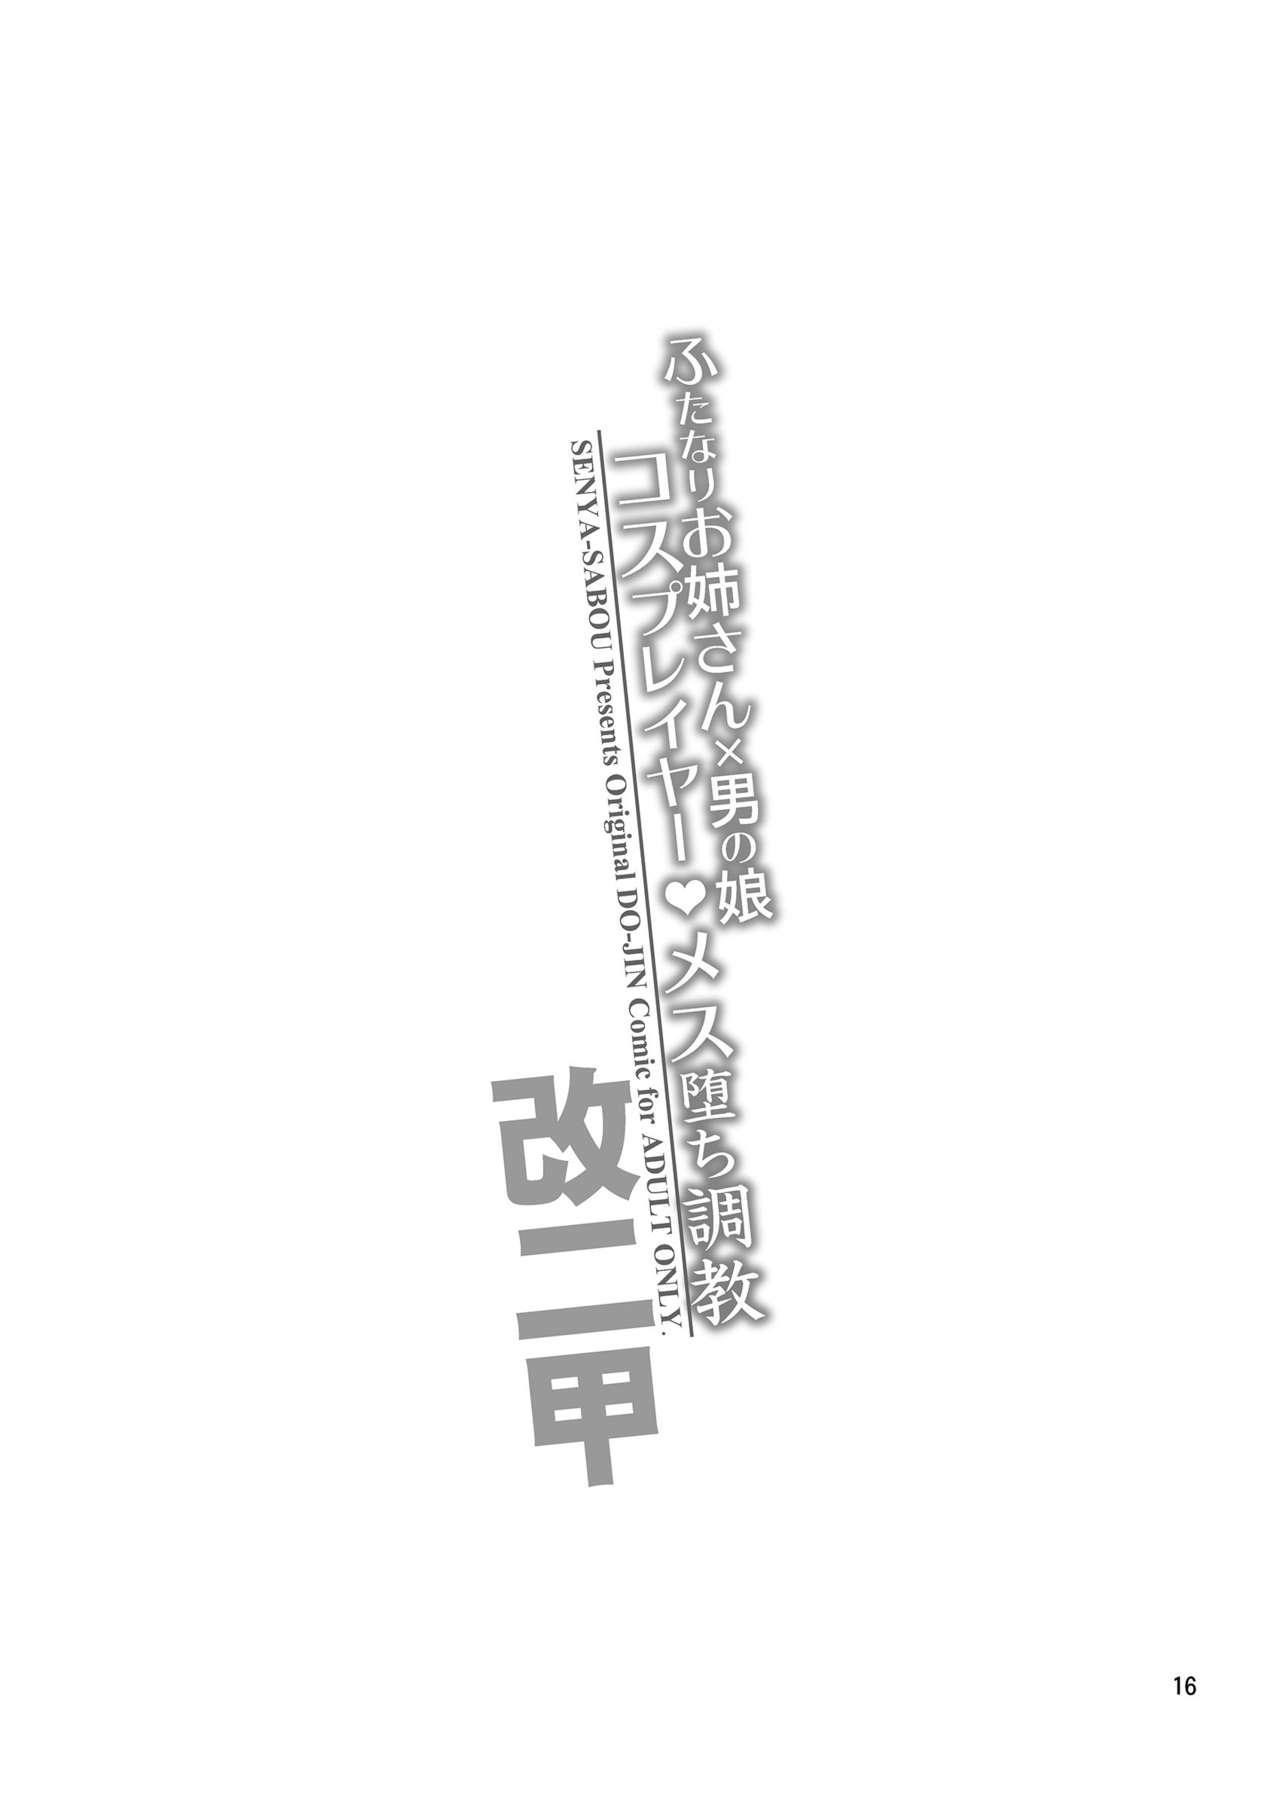 Futanari Onee-san x Otokonoko Cosplayer Mesu Ochi Choukyou Kainikou 15